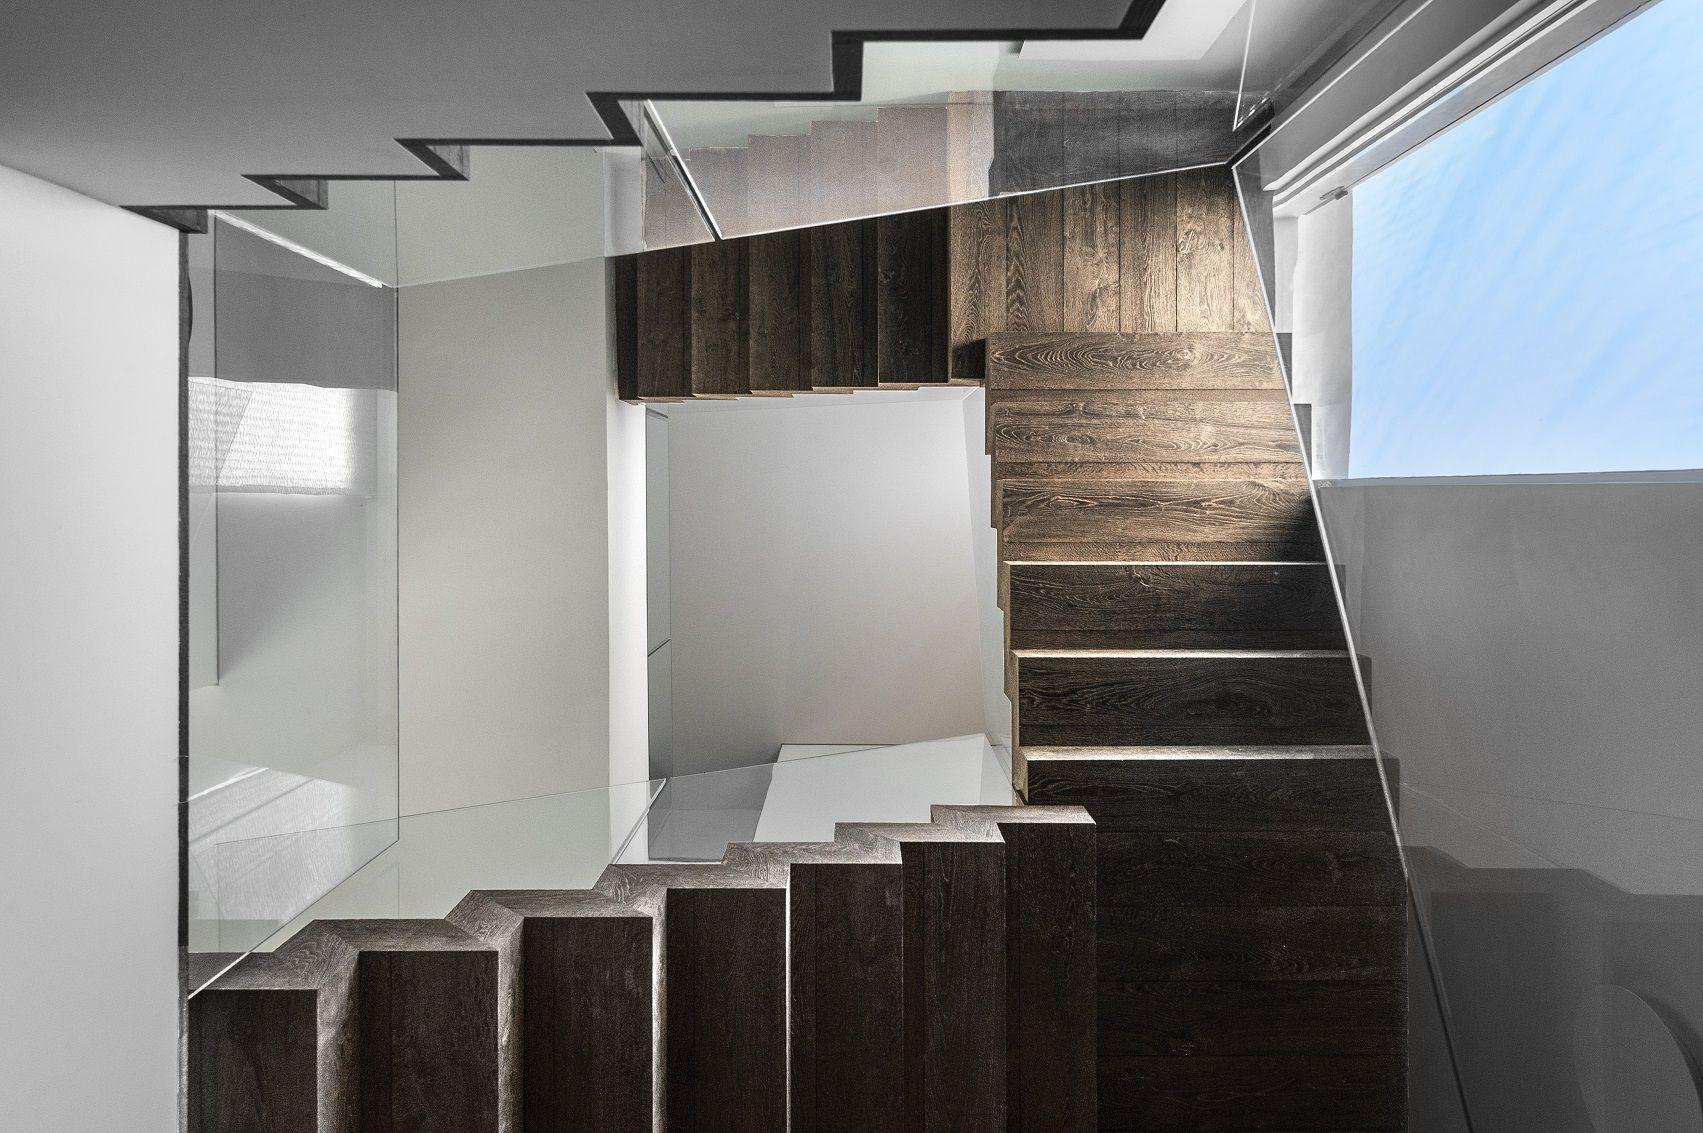 פרנקל אדריכלות ועיצוב, צילום איתי בנית